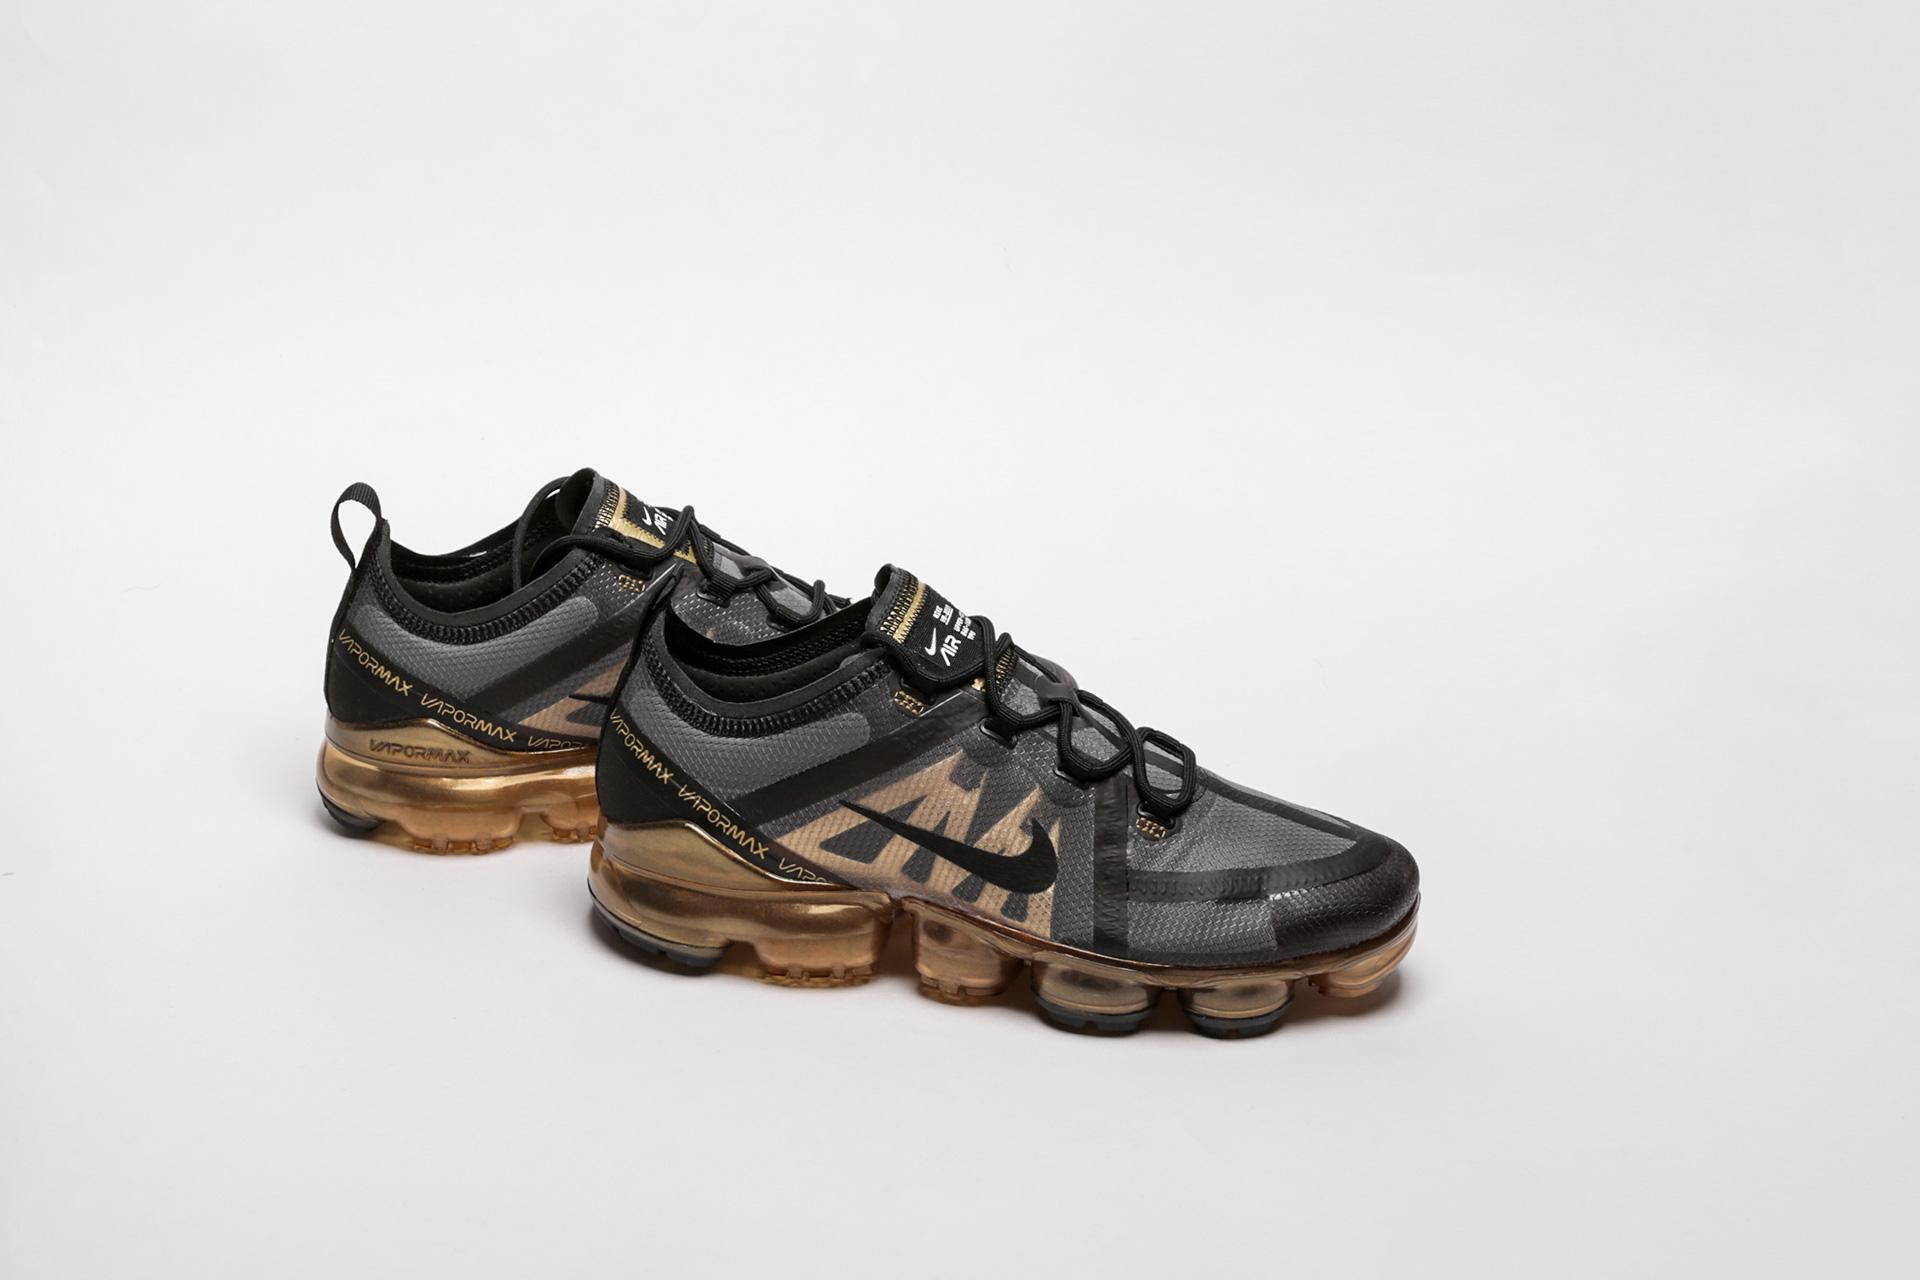 77c97774 Купить черные мужские кроссовки Air Vapormax 2019 от Nike (AR6631 ...